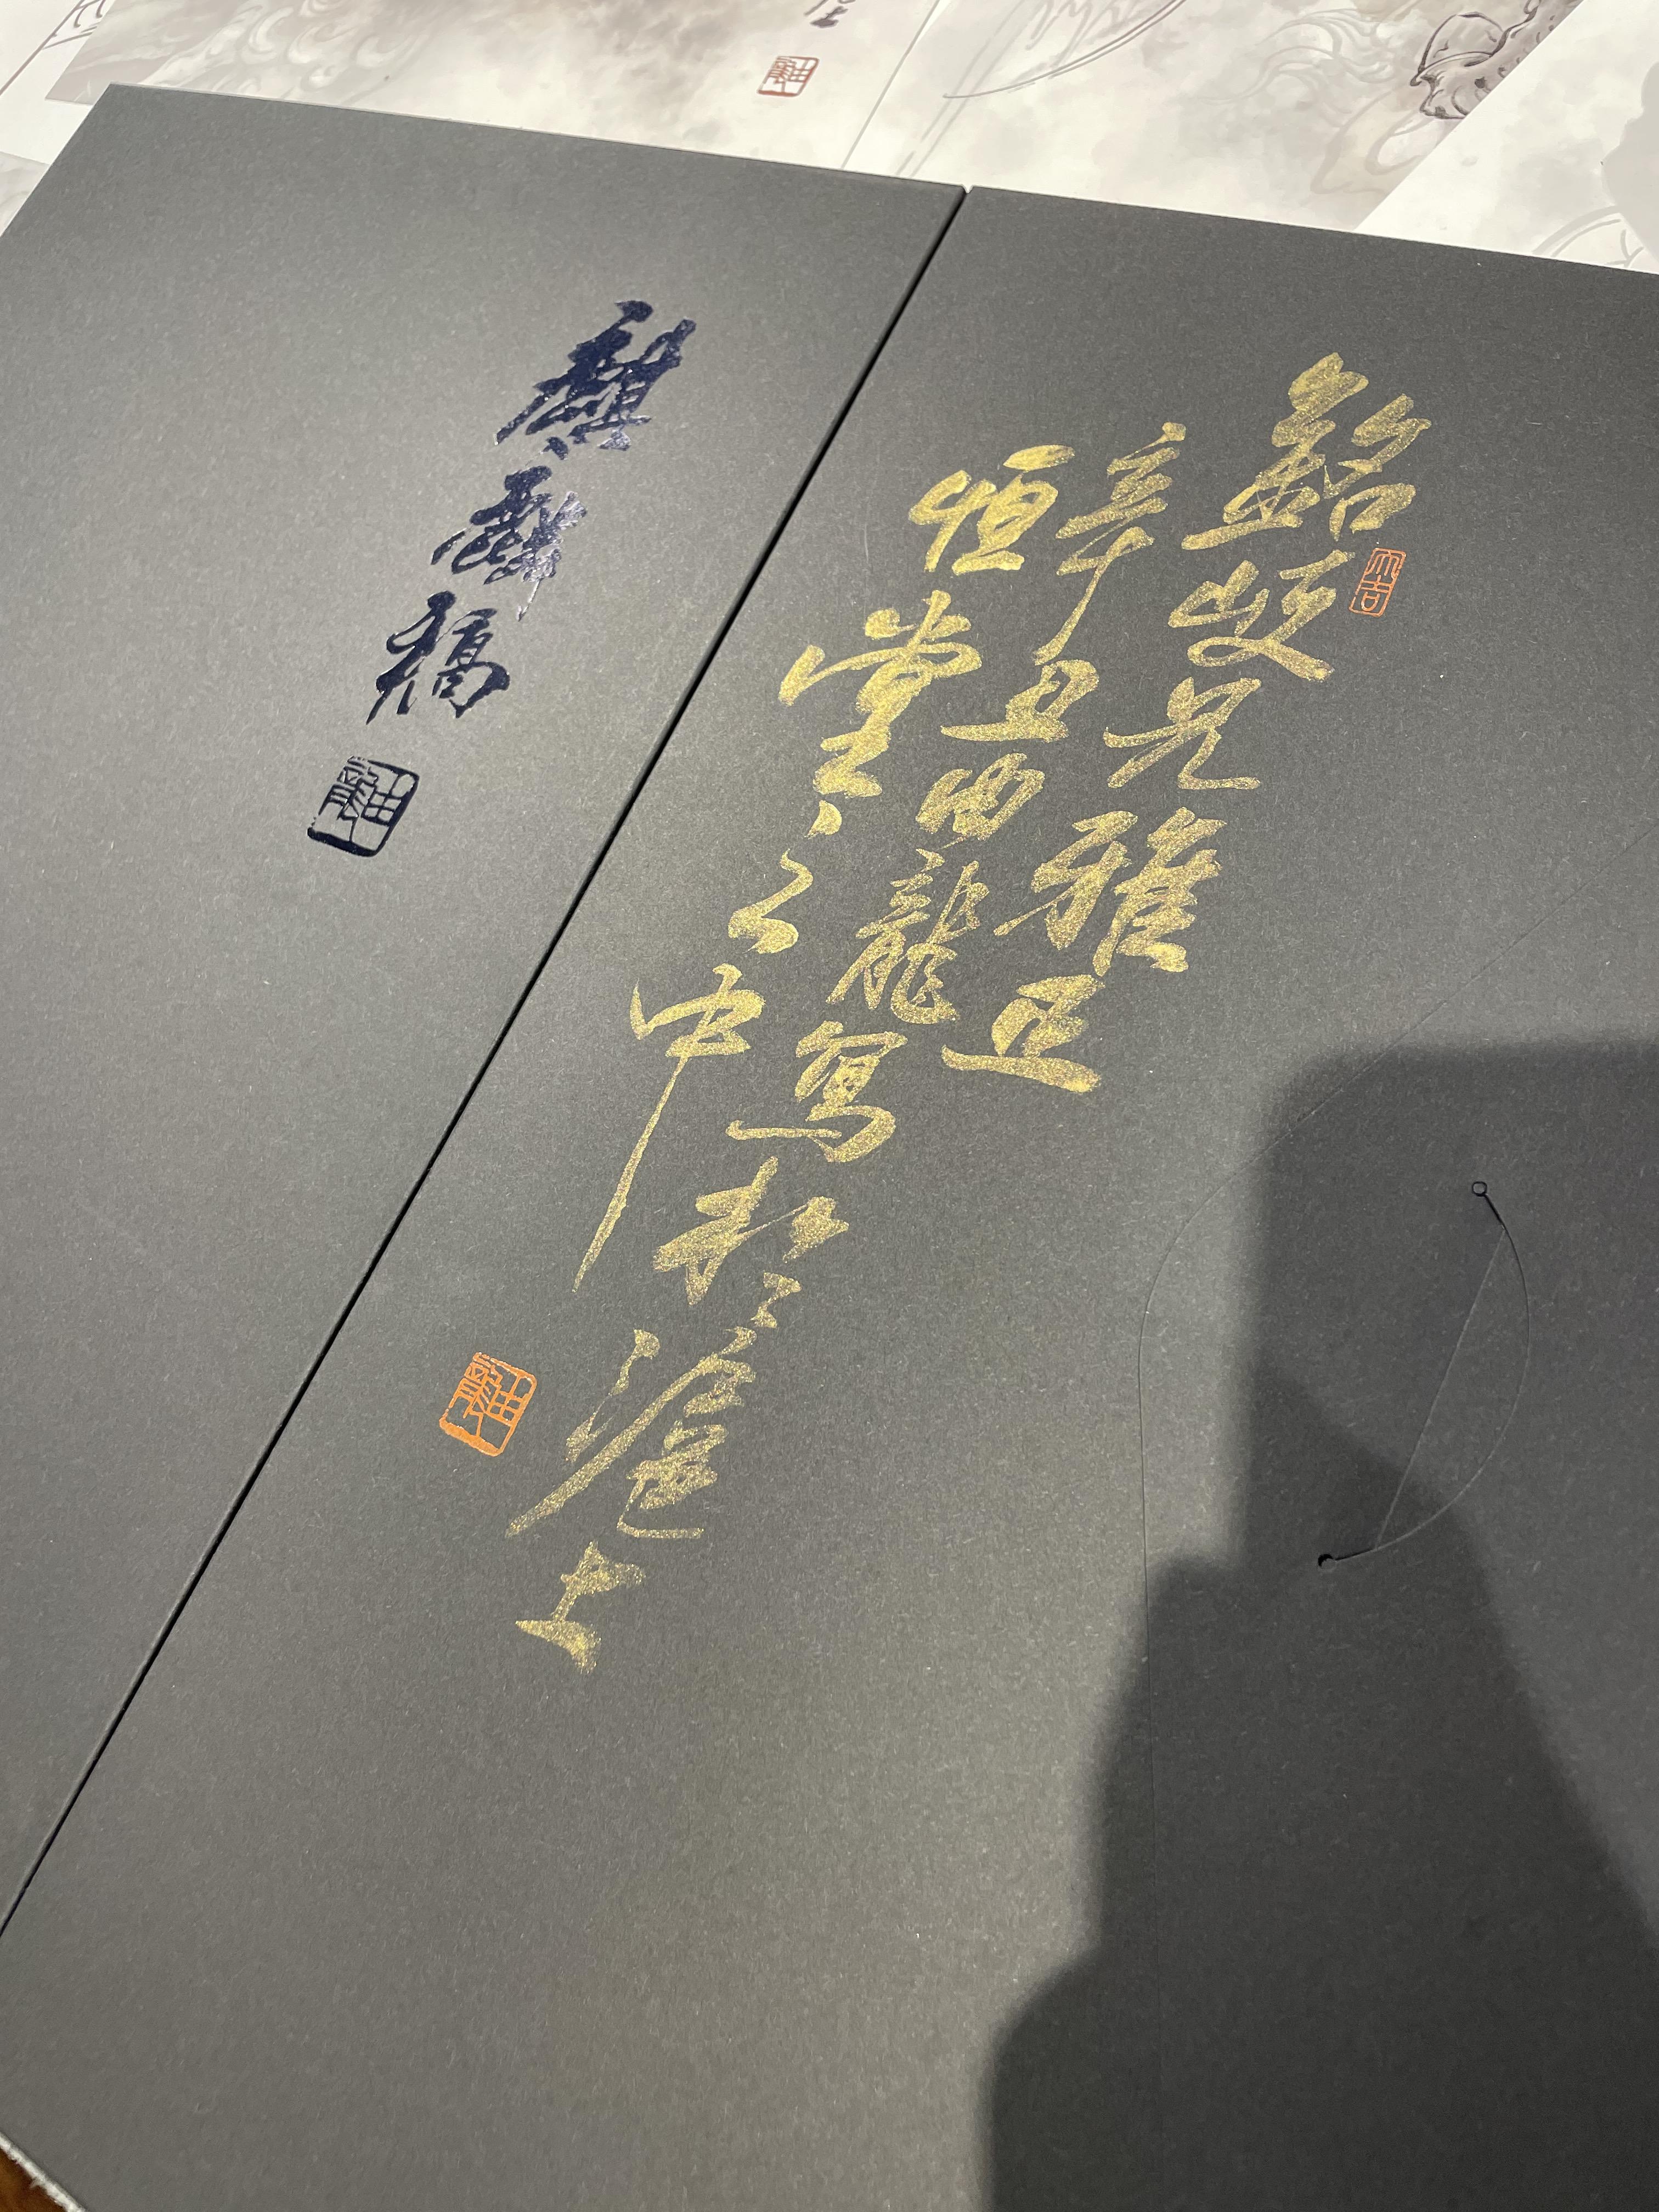 麒麟稿,辛丑年的麒麟可以是这个样子